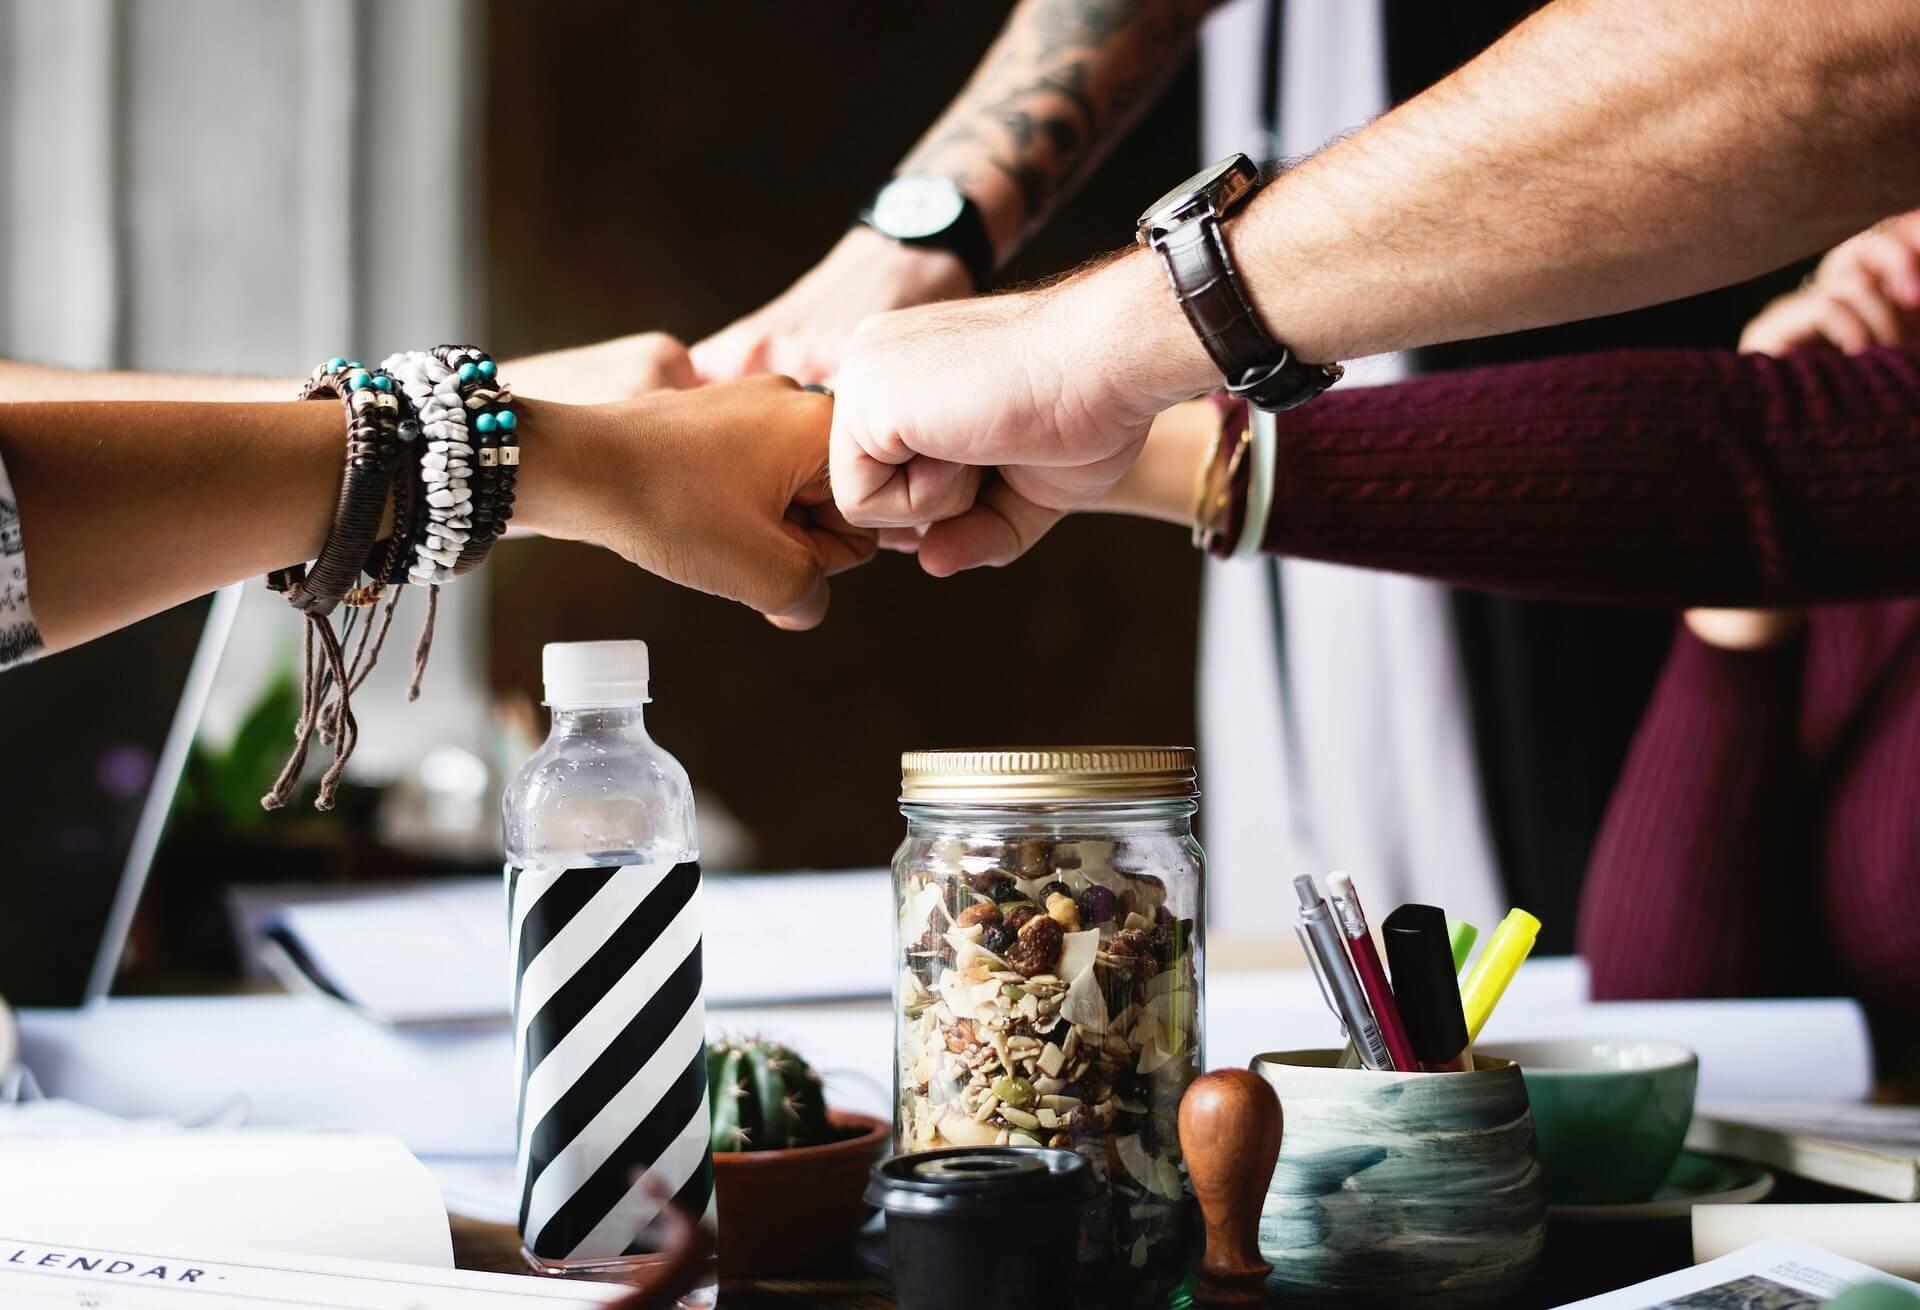 Der Mietvertrag als ärztliches Kooperationsmodell? Geht das?